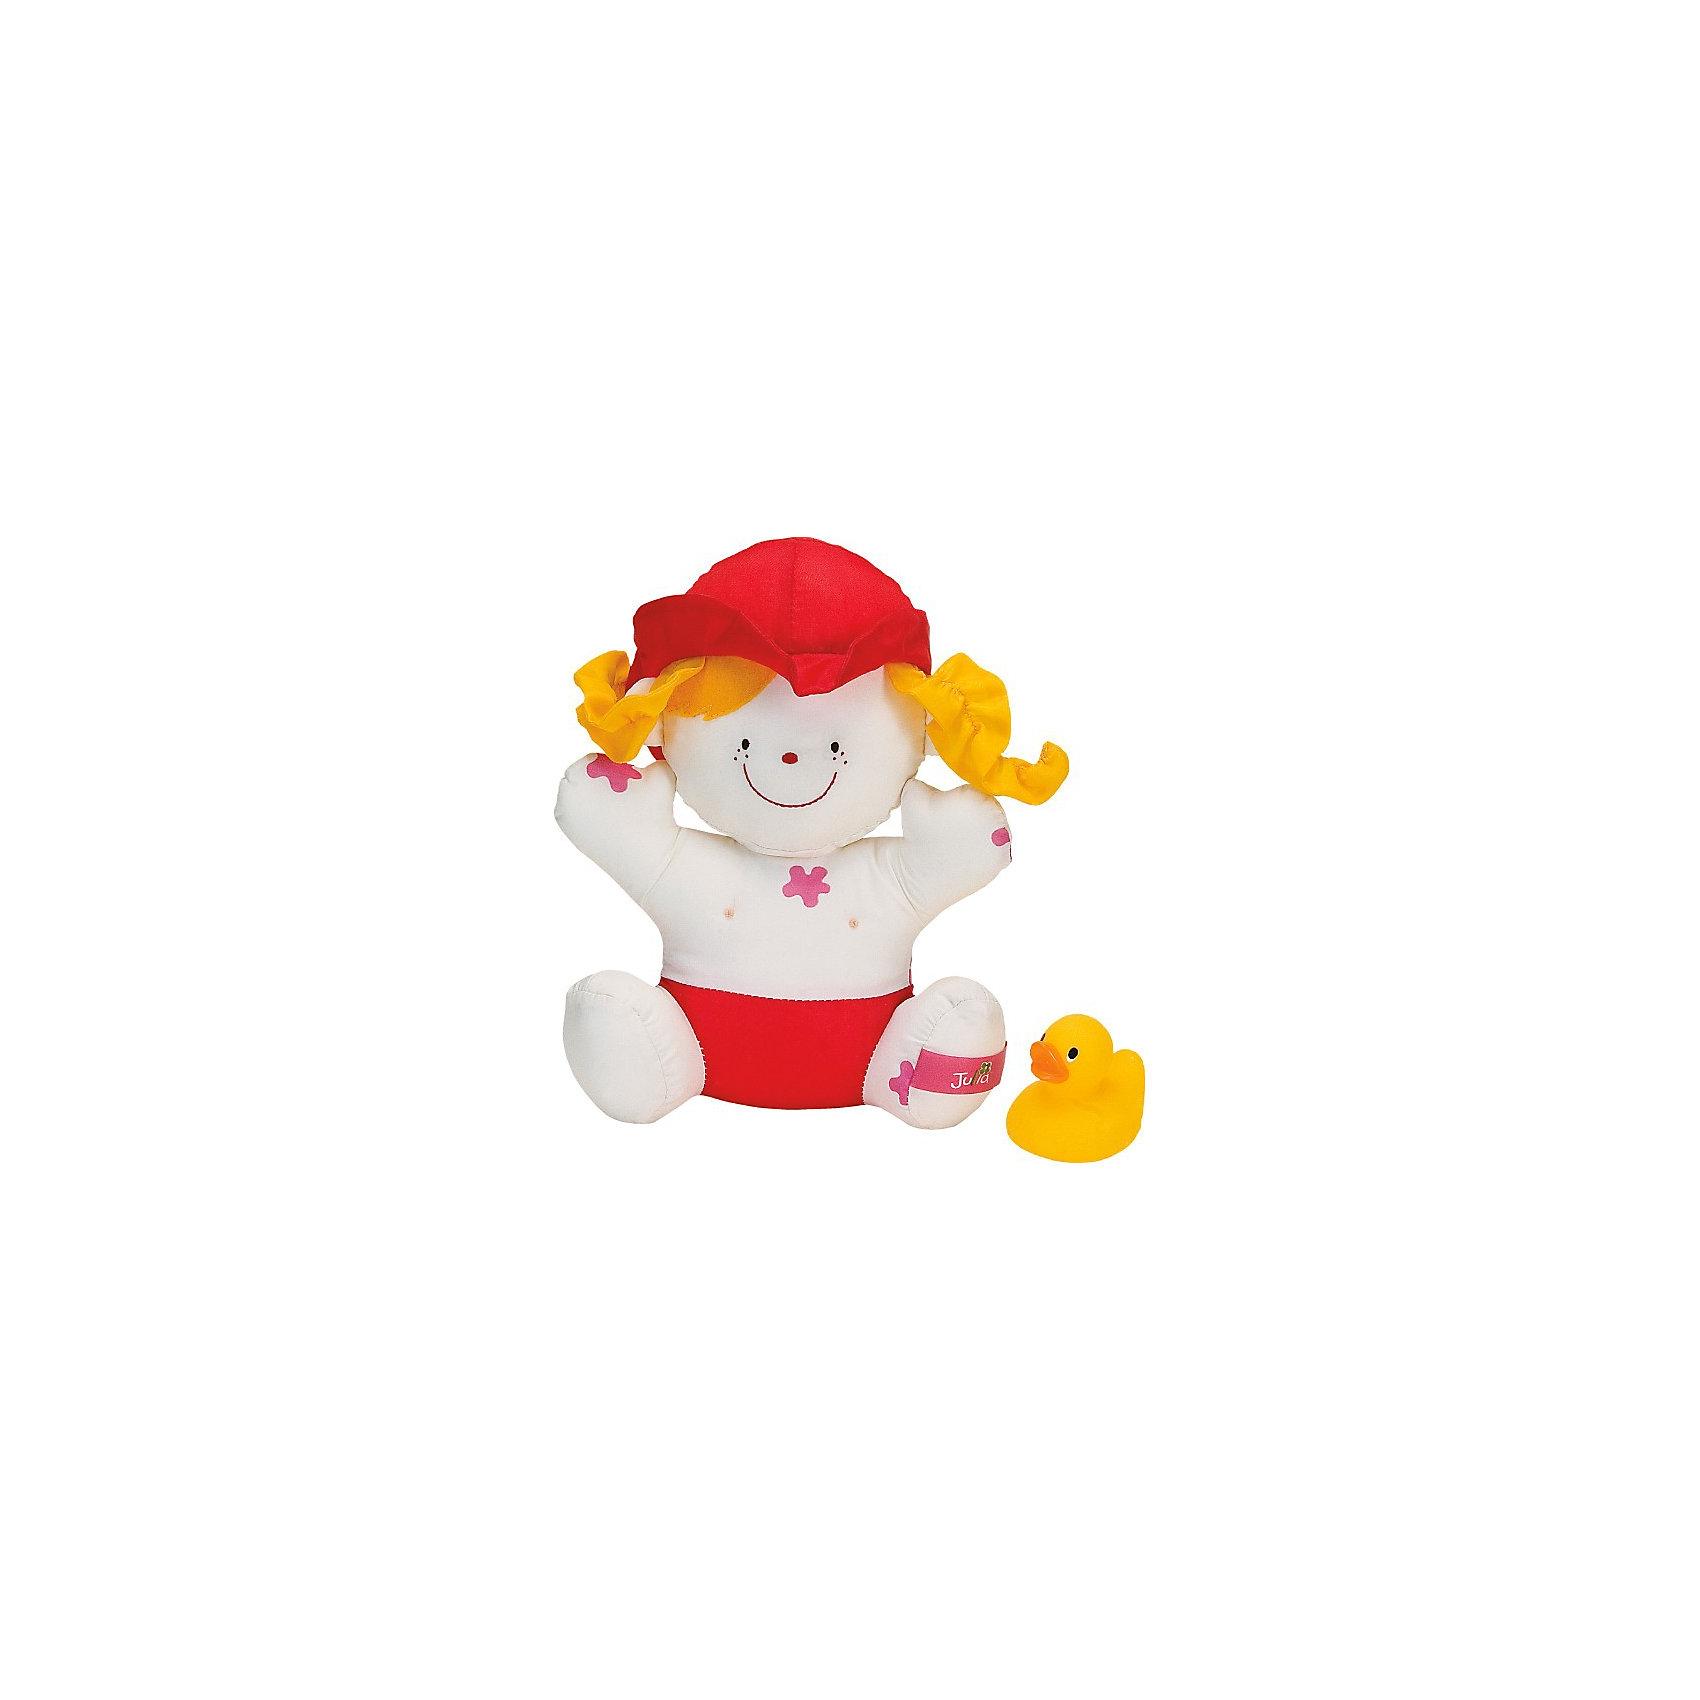 Девочка Julia для купанияМягкие куклы<br>Дружелюбная мягкая кукла Джулия и маленький утёнок станут настоящими друзьями и постоянными участниками игр в воде для малыша. Крохе понравится играть с Джулией, трогать за мягкие ручки и ножки, тянуть за шляпку и косички, мять и тискать её, а чудесная кукла в ответ будет улыбаться ребёнку. На ней много «грязных» пятен, которые исчезают в воде, что еще больше привлекает малышей. К тому же, в набор входит маленькая резиновая уточка, которая также не оставит крох равнодушными. Вряд ли теперь малыш расстанется со своими новыми друзьями – они такие замечательные, милые и трогательные! Игрушка предназначена для детей от 6-ти месяцев и может использоваться длительный период времени. За ней не нужен особый уход, после приема ванны достаточно вытащить игрушку из воды и просушить.<br><br> В комплекте:<br> - кукла Джулия;<br> - утёнок-брызгалка.<br><br>Игрушка не только развеселит и позабавит малыша, но и будет способствовать его комплексному развитию:<br><br>- в процессе игры формируется наблюдательность, смекалка и внимание, происходит знакомство с понятием большой - маленький;<br><br>- развивается глазомер и координация, слаженность и точность движений и различные интеллектуальные качества: логика, память, особенно зрительная, пространственное представление, воображение, умение находить зависимости и закономерности;<br><br>- крупная моторика: малыш учится пользоваться для игры двумя руками сразу: он держит игрушки, зажимает в руке, перекладывает их из руки в руку, сдавливает;<br><br>- мелкие детали и разнообразная фактура материалов способствуют развитию тактильных ощущений и формированию мелкой моторики пальчиков рук малыша;<br><br>- яркие цвета и забавные формы стимулируют зрение, а звуки - слух.<br><br>Дополнительная информация:<br><br>- материал: текстиль с набивкой синтетическим волокном, высококачественная гигиеническая резина.<br>- цвет: желтый  <br>- вес: 110 г<br>- размеры игрушки:<br>- кукла – 16х5х21 см.<br>- утёнок - 5,5